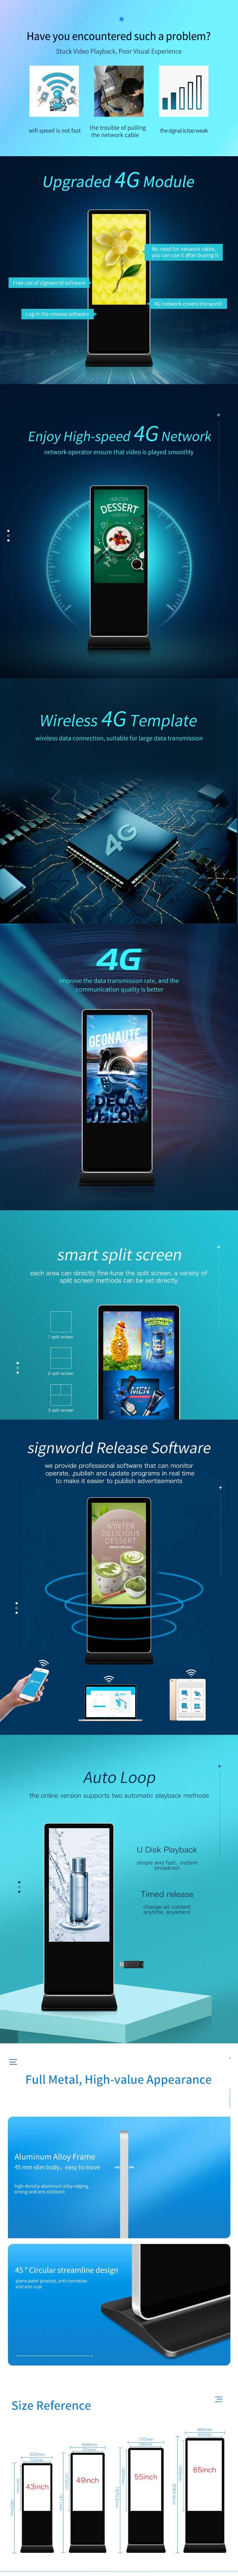 Muestra gratis de 65 pulgadas de soporte Wifi lcd Interactive Digital Signage y muestra reproductor de publicidad kiosco Anzeige